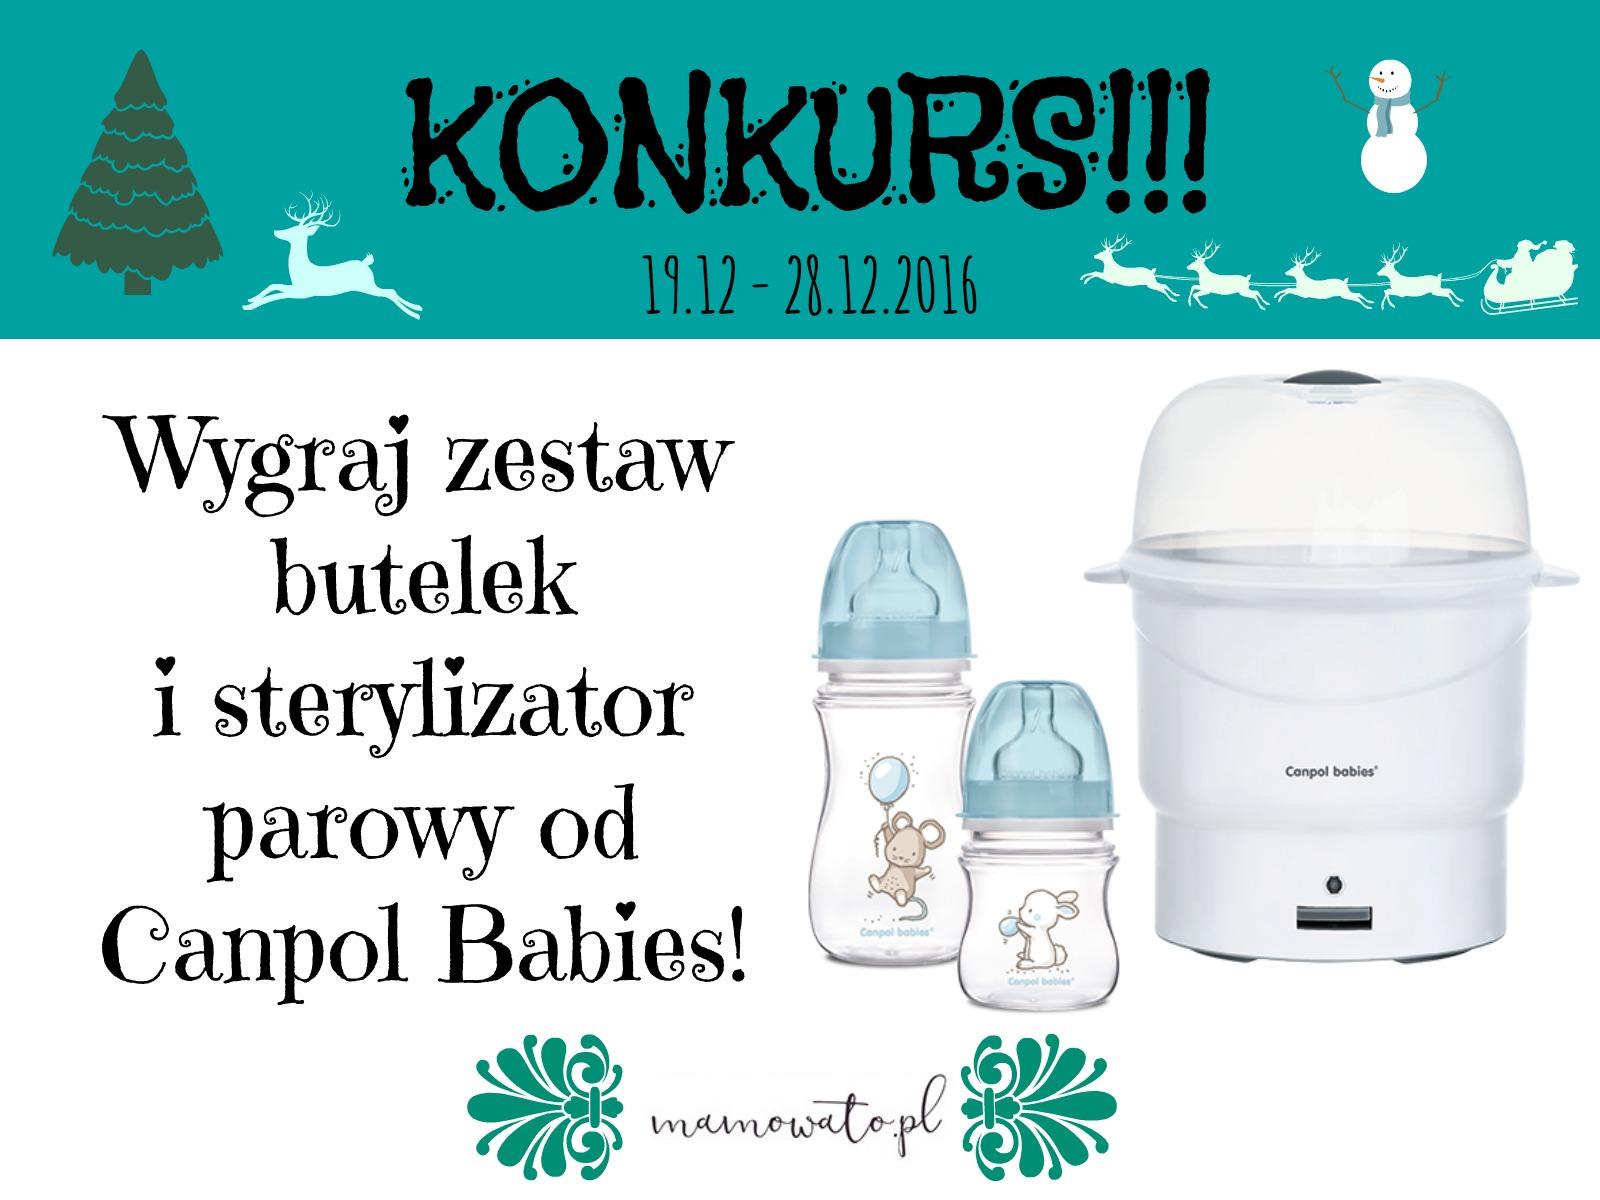 Zestaw butelek i sterylizator parowy od Canpol Babies